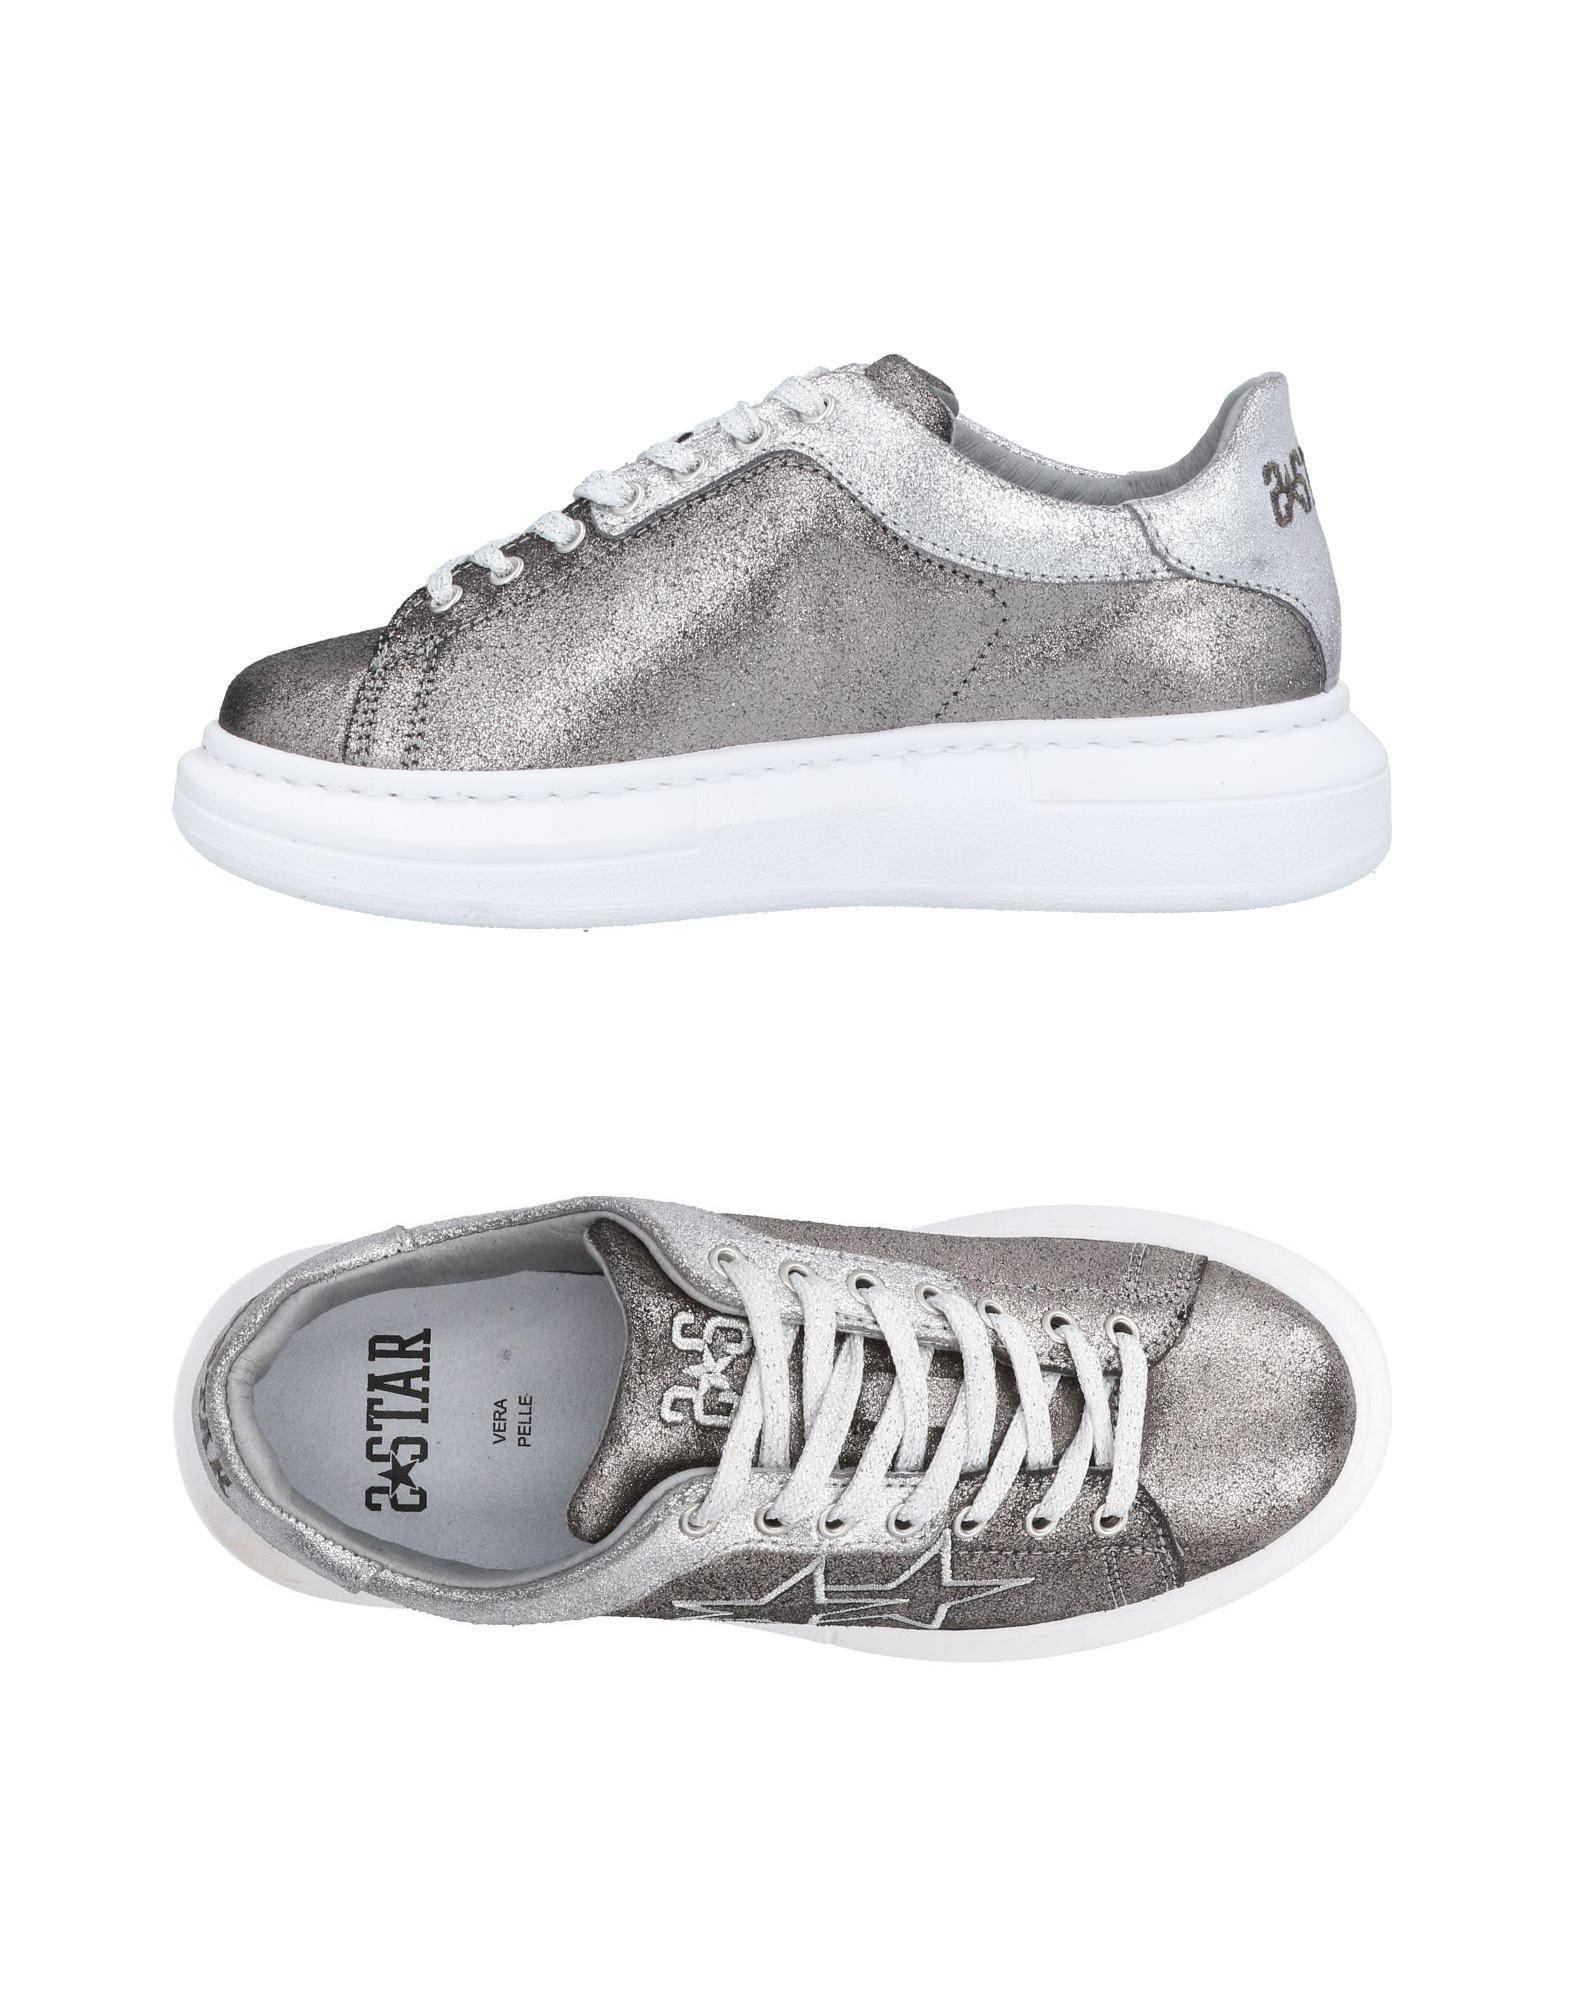 Sneakers Scarpe 2Star Donna - 11453496AL Scarpe Sneakers comode e distintive 0e98c7